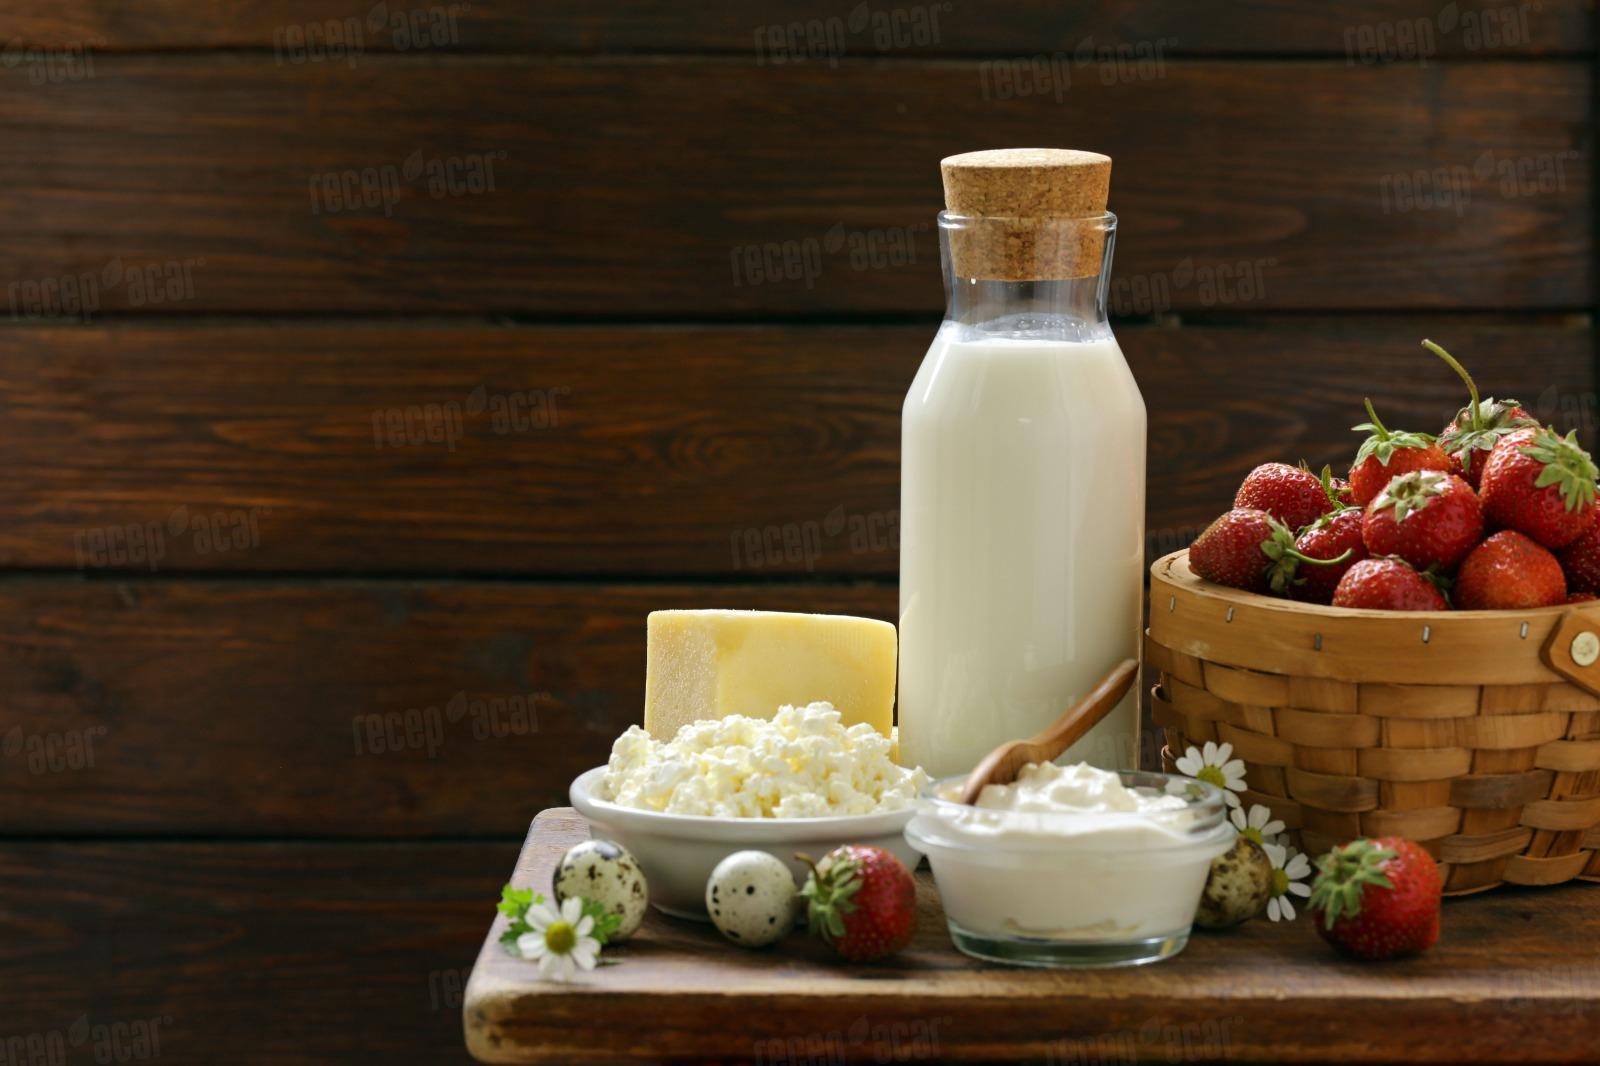 Sütü peynire dönüştüren doğallık: Şirden Mayası